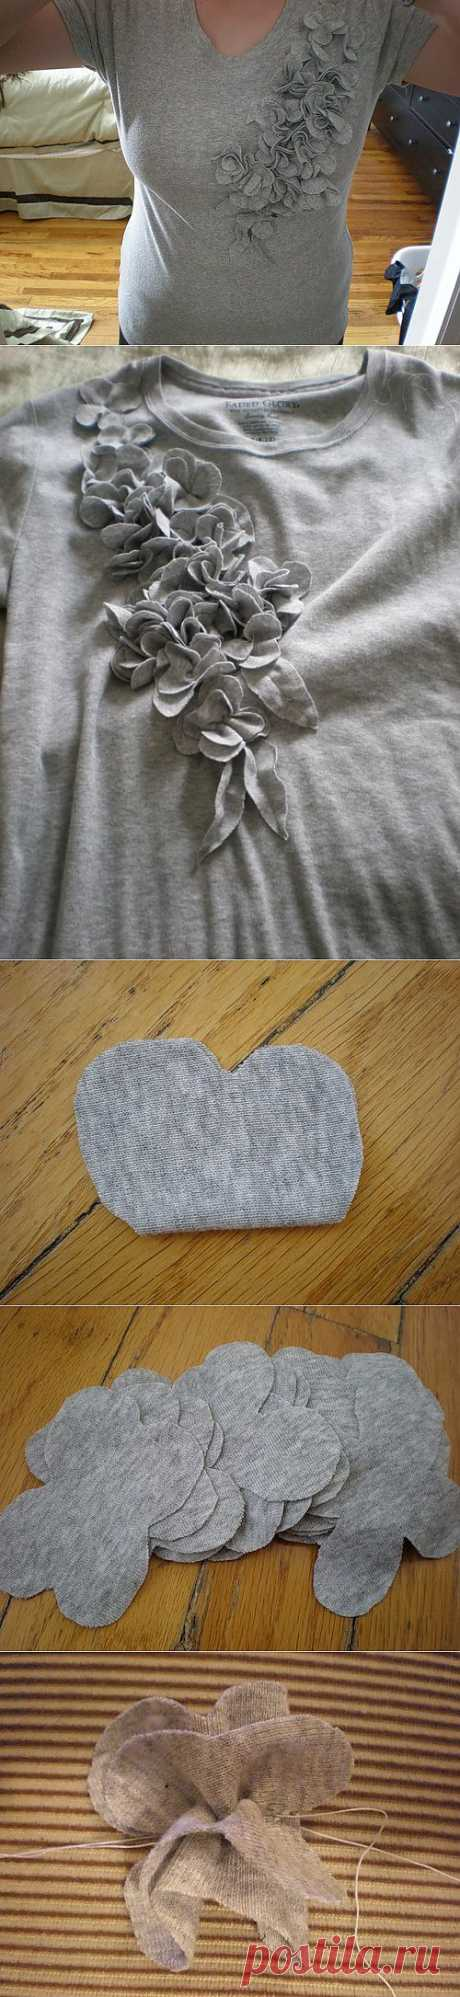 Для вдохновения, цитатник: Украшаем трикотажную блузку своими руками